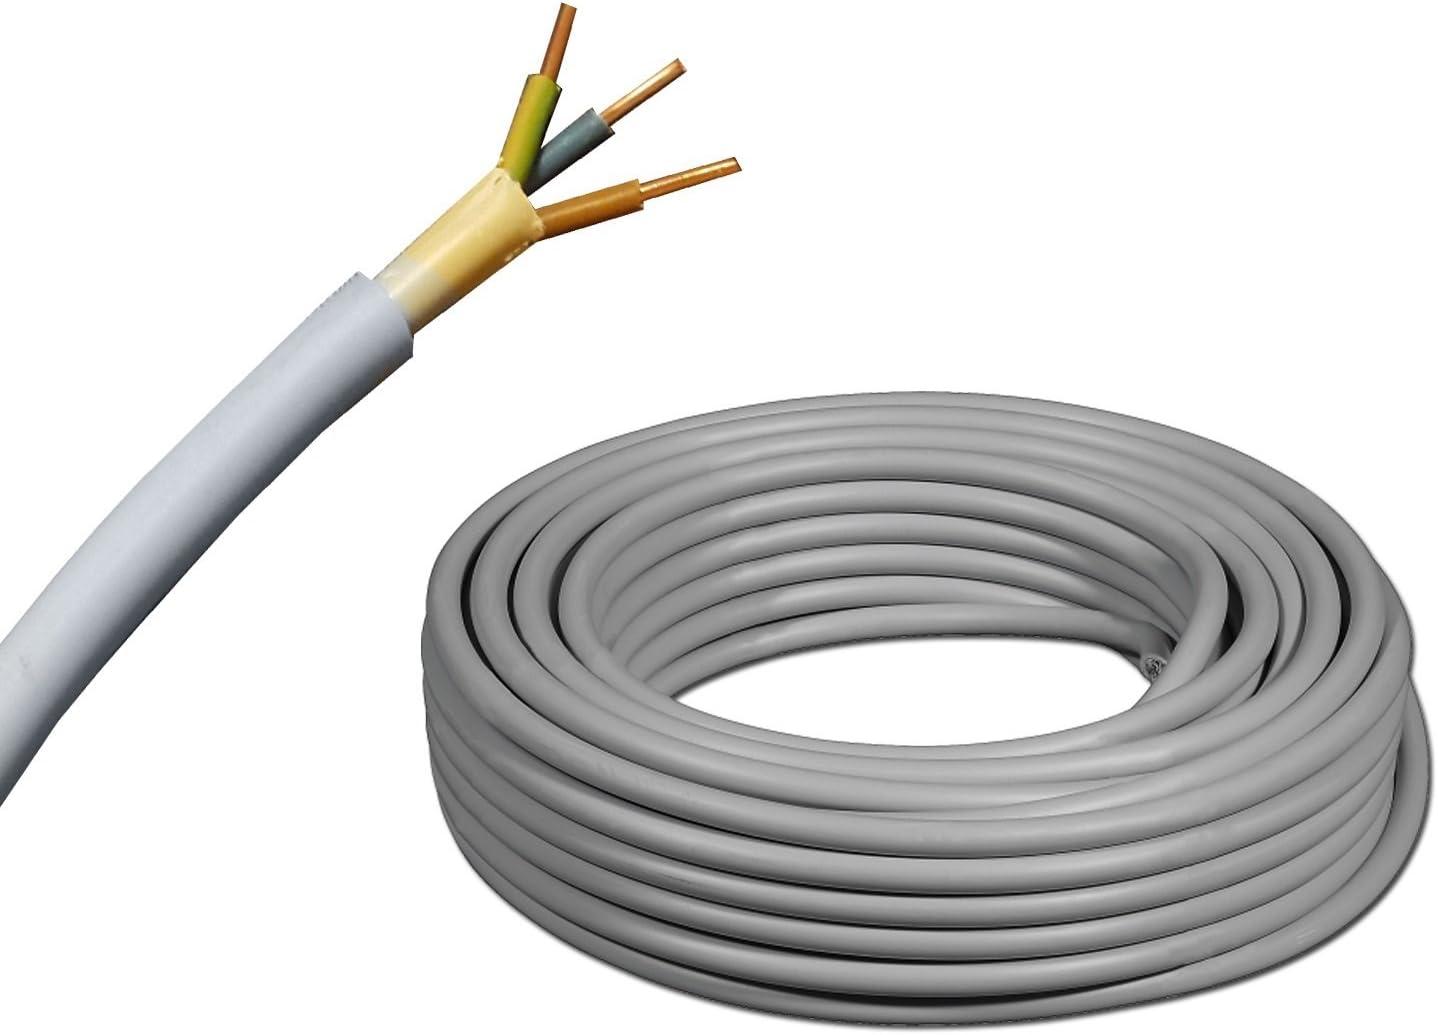 Exemple : 5 m - C/âble dinstallation 50 m etc. Longueur au choix en 1 m/ètre 20 m 25 m C/âble gain/é NYM-J 3 x 2,5 mm2 mm2 15 m 10 m 18 m